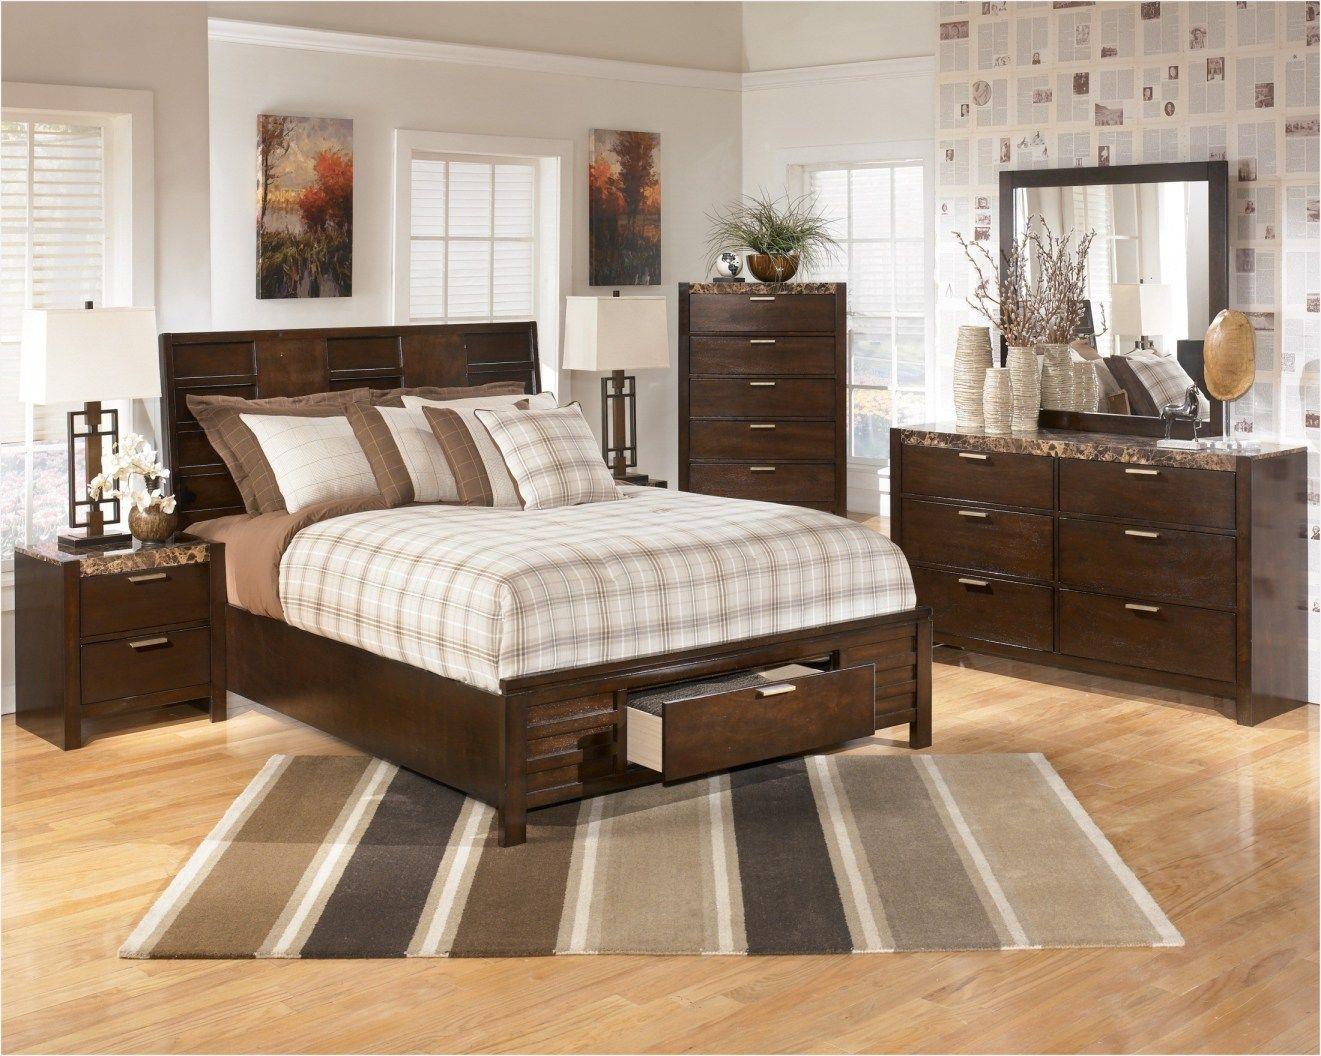 40 Stunning Bedroom Arrangement Ideas HomEnthusiastic